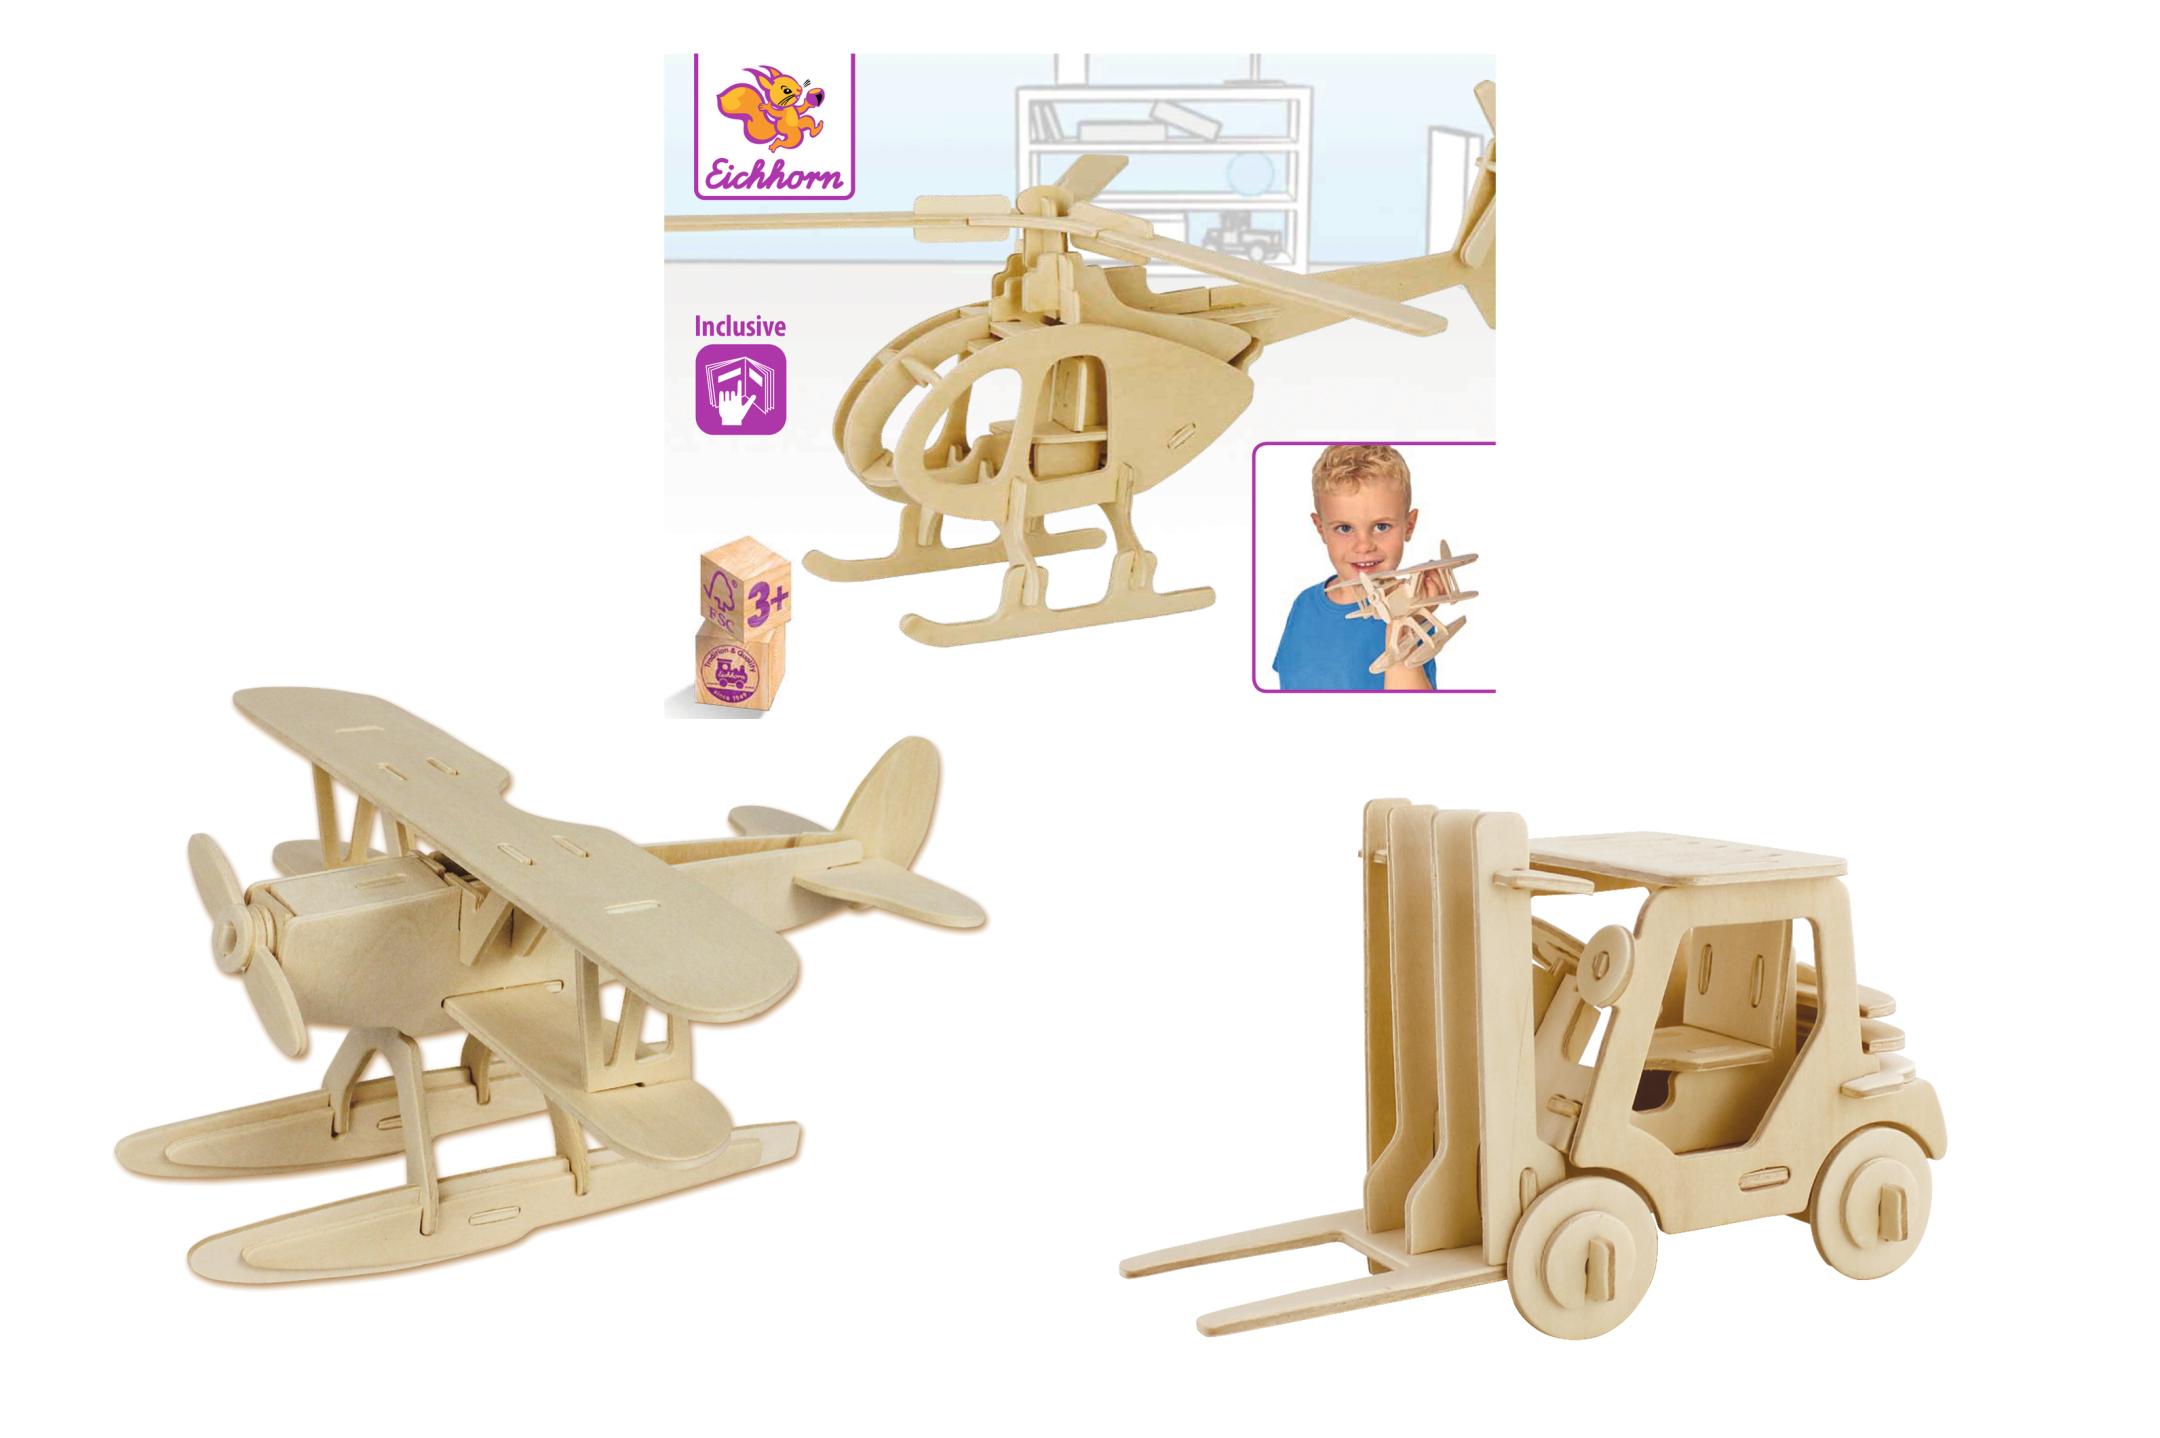 Eichhorn 3D Puzzle Fahrzeug 3fs